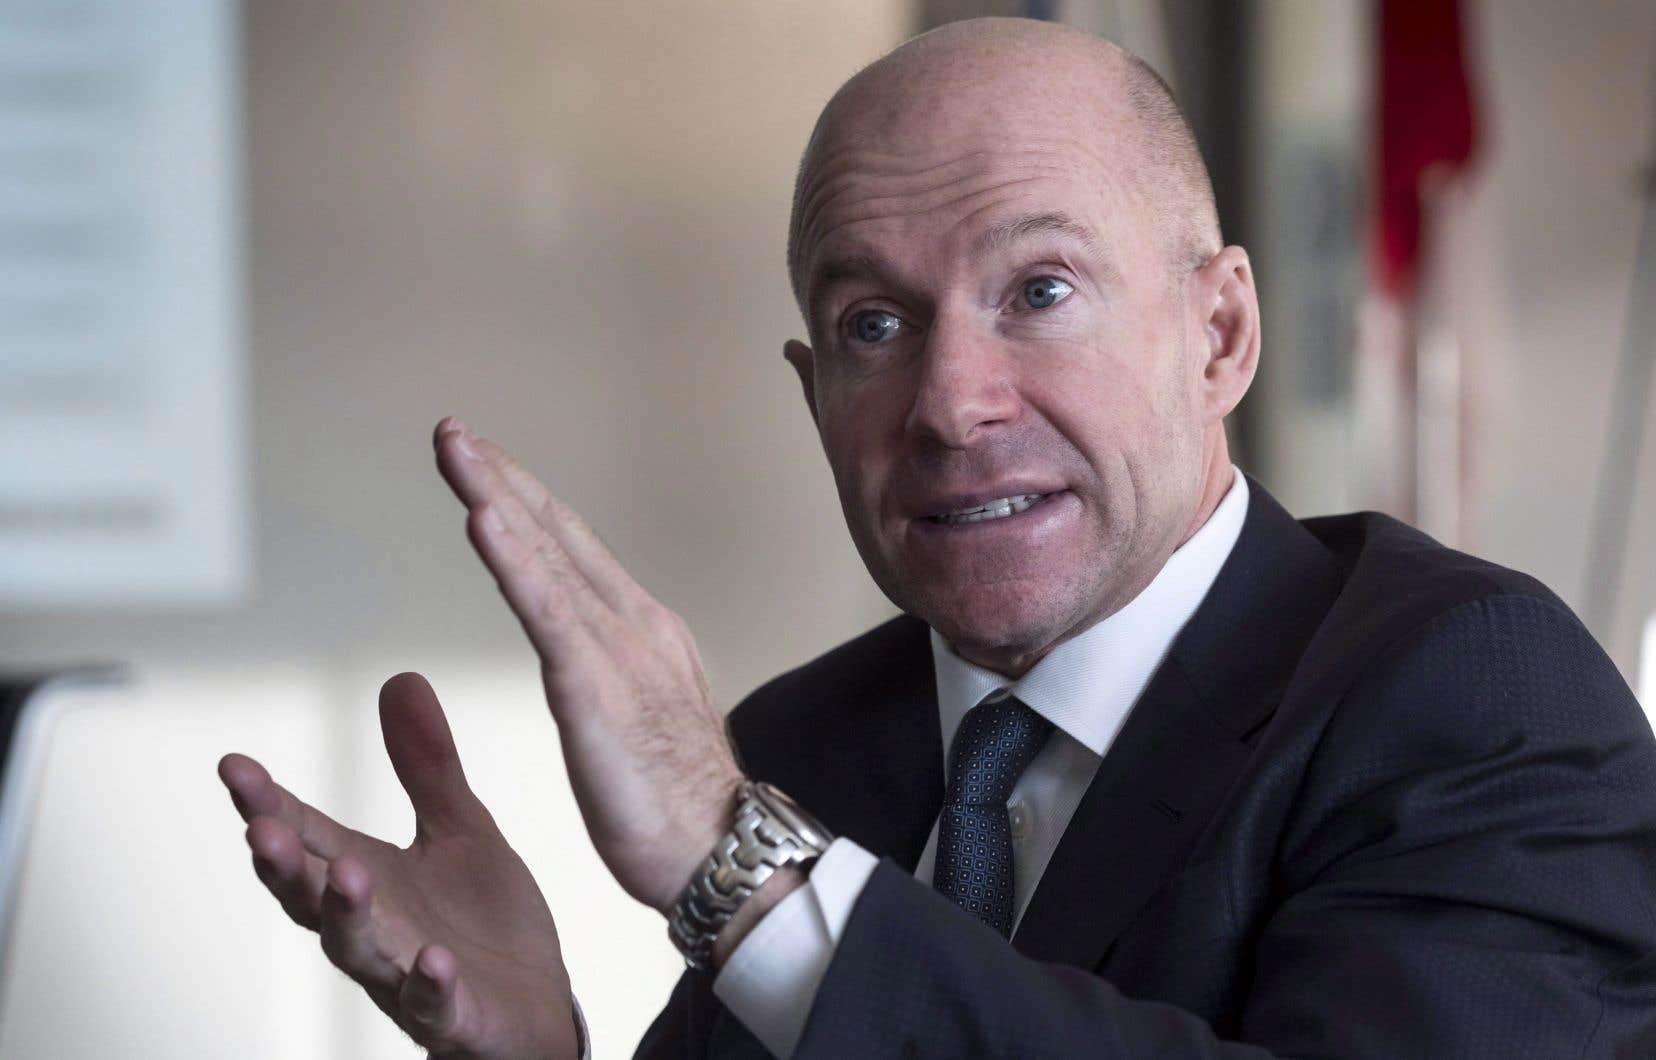 Le président et chef de la direction de Bombardier, Alain Bellemare,a fait valoir que l'avionneur comptaitquelque 4800 appareils d'affaires actuellement en service à travers le monde.